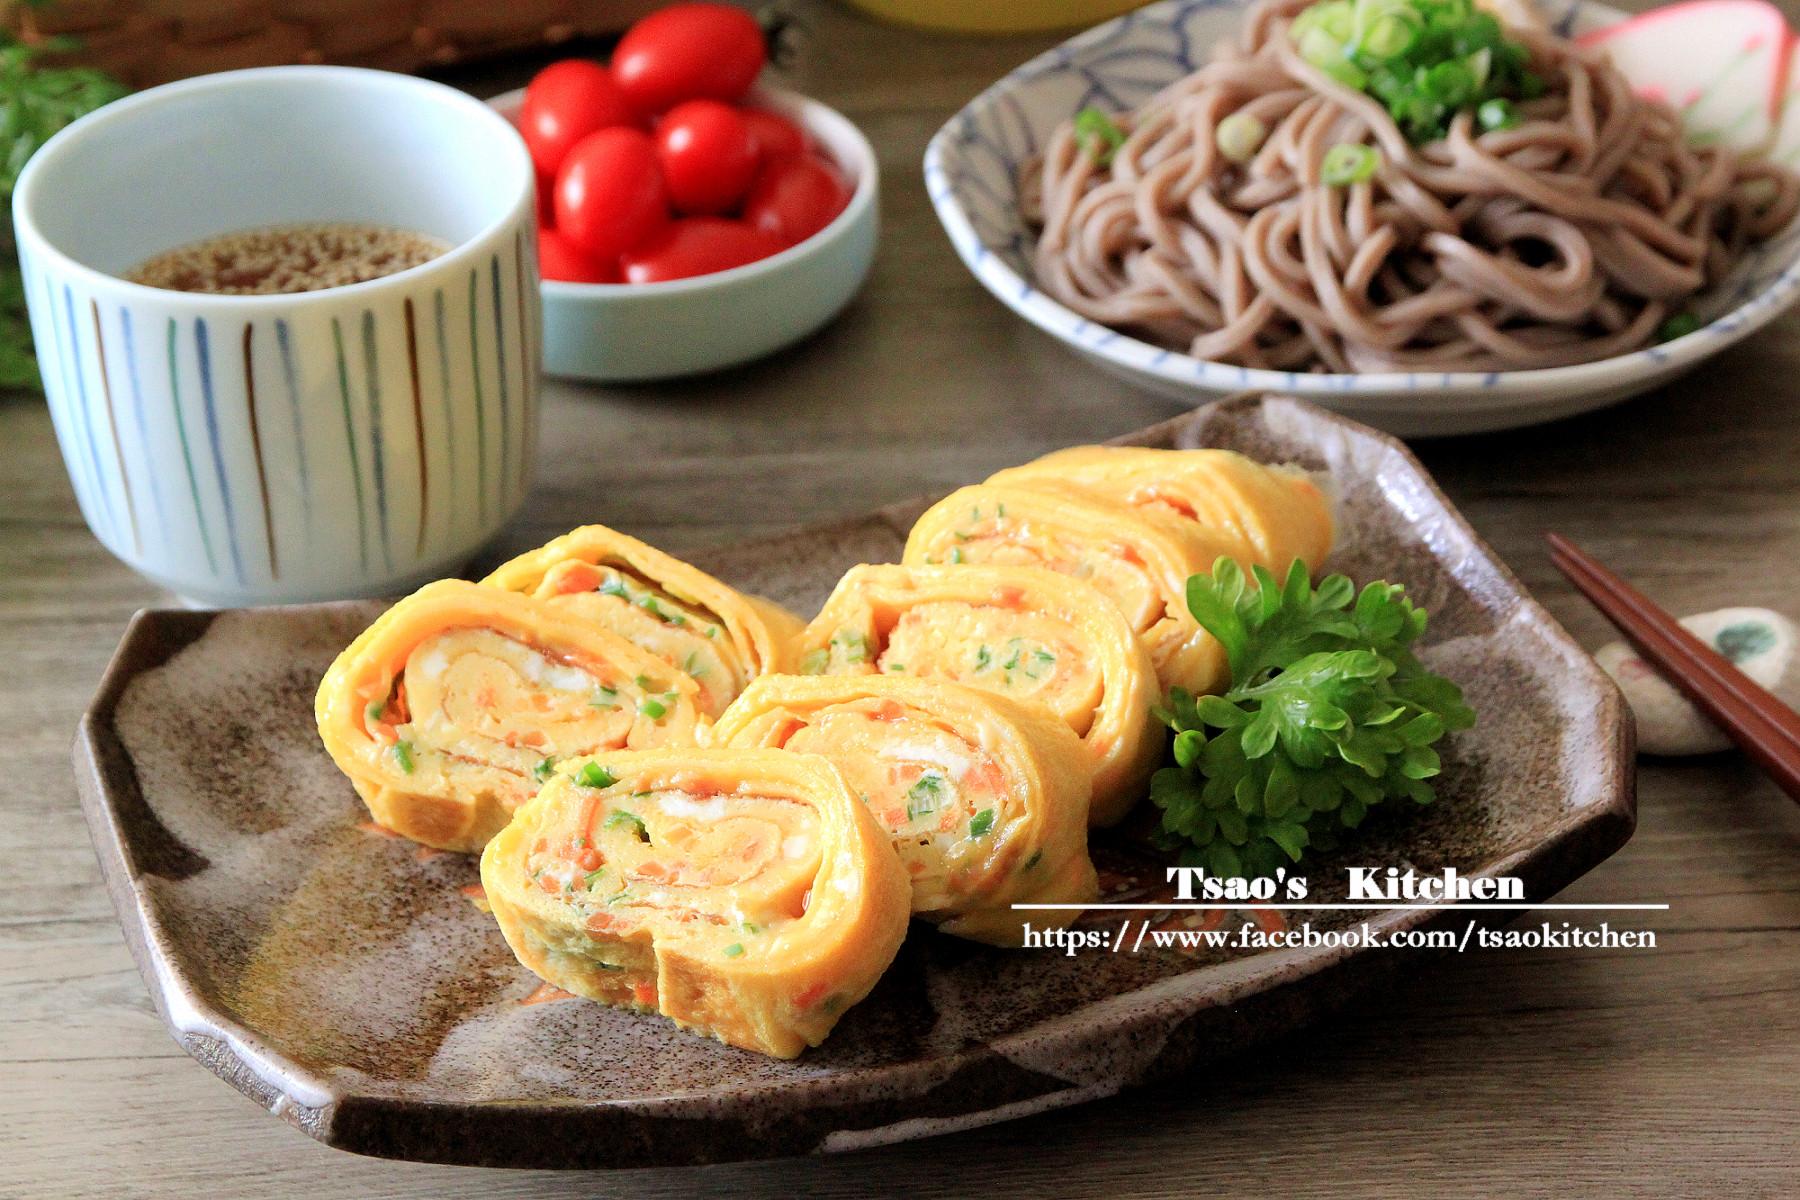 日式厚蛋燒與蕎麥冷麵的邂逅